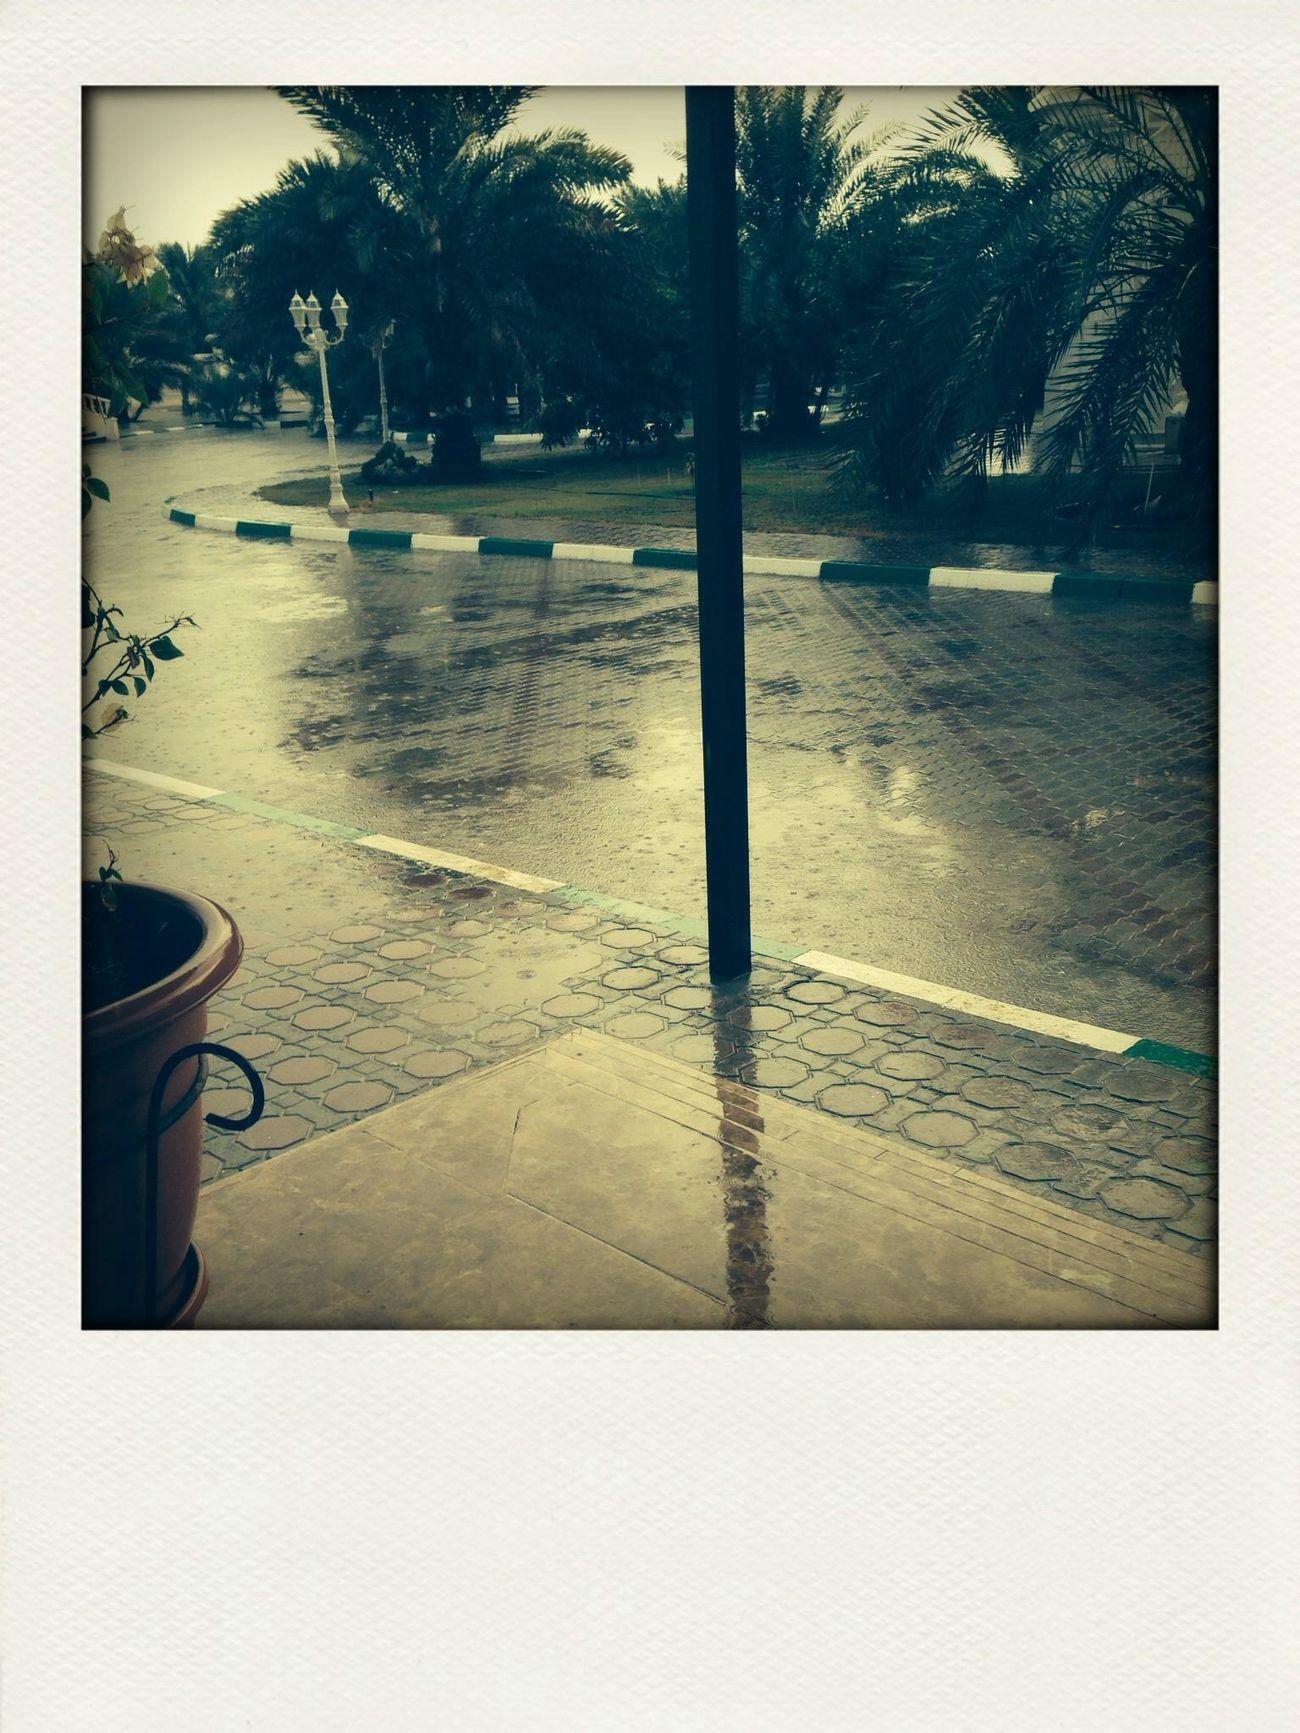 Alain... ☔️☔️☁️ Rain